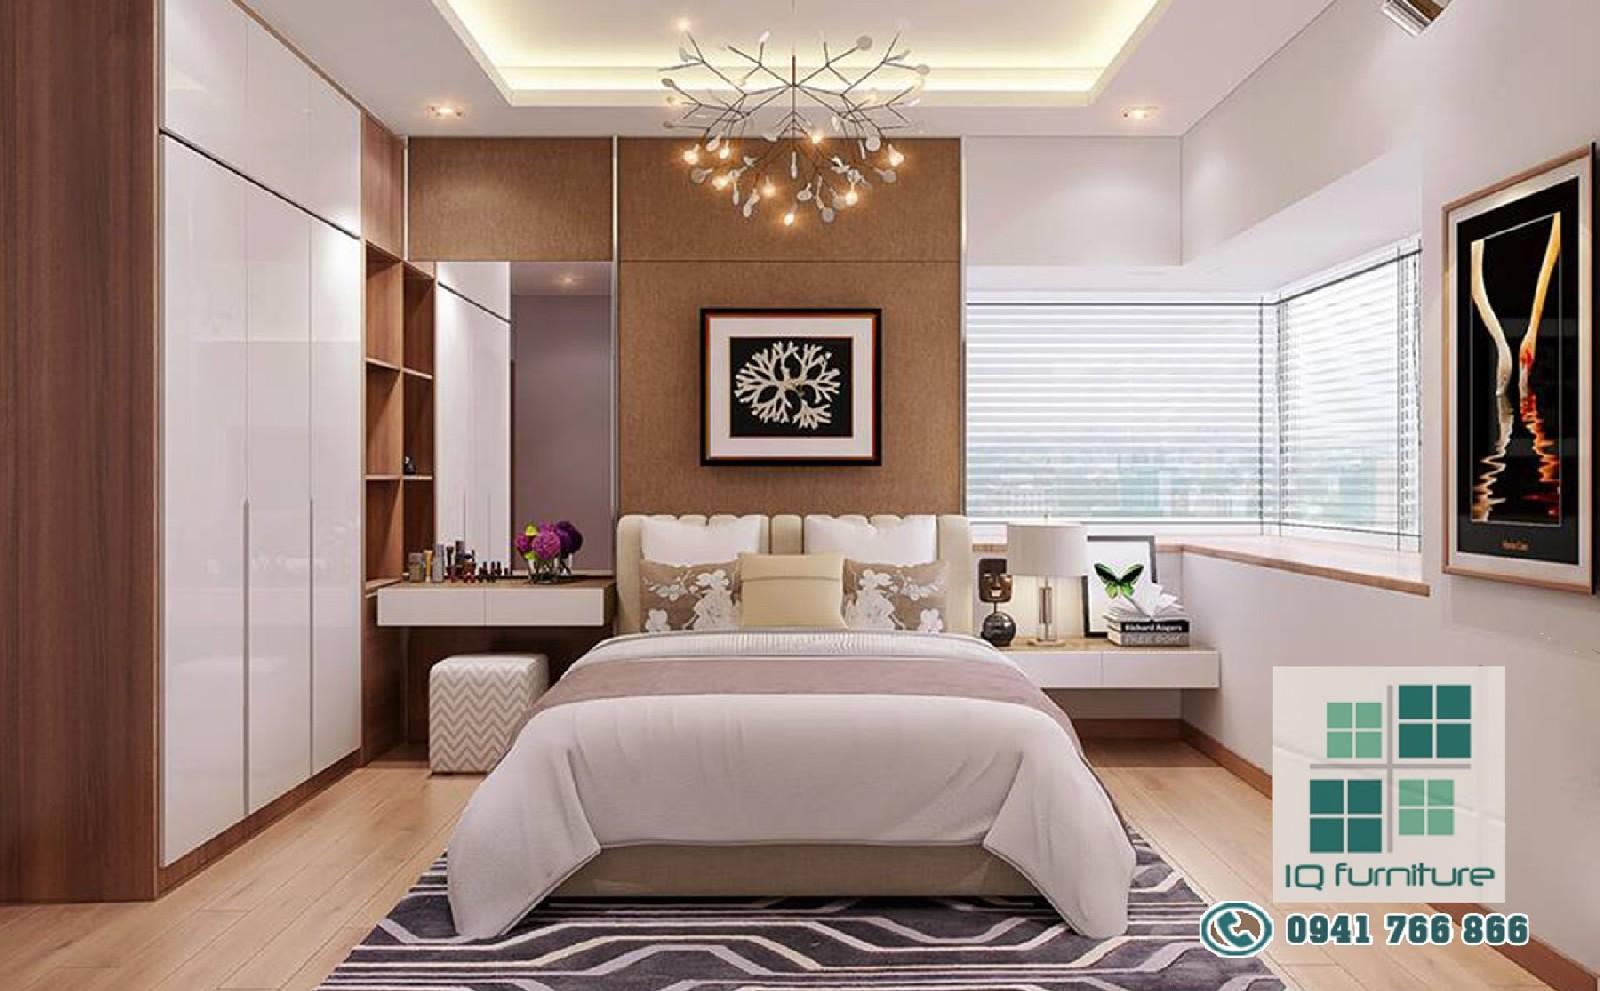 3 Mẫu thiết kế nội thất phòng ngủ đẹp nhất tại Hải Phòng 2017